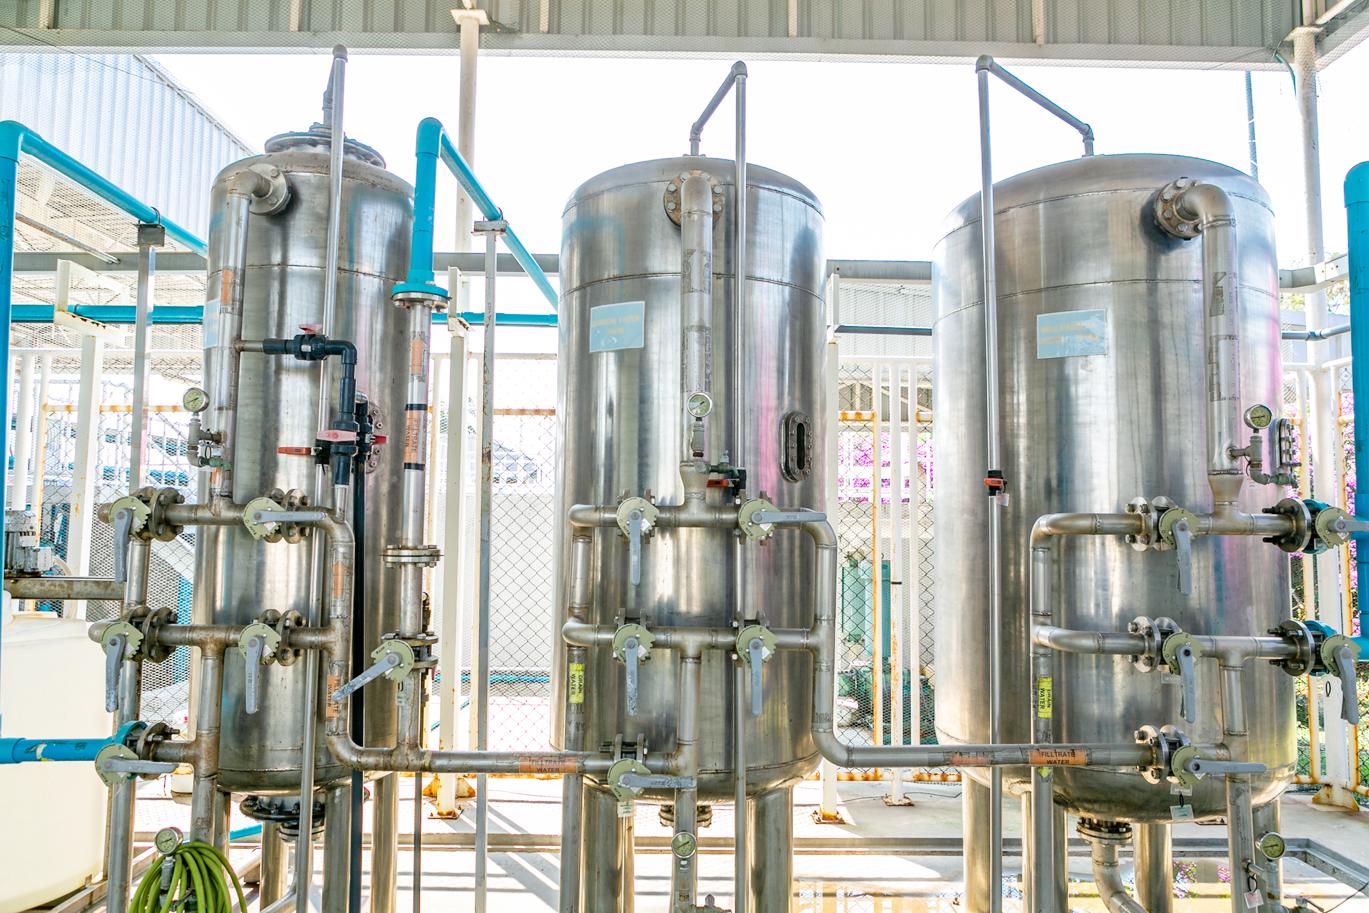 ขจัดสิ่งปฏิกูลที่ลอยอยู่บนน้ำในเขตอุตสาหกรรมด้วยถ่าน และกำจัดคลอรีนและกลิ่นด้วยถ่านกัมมันต์ (Activated Carbon) หลังจากนั้นจึงทำการเปลี่ยนเป็นน้ำอ่อนด้วยสารกรองเรซิ่น (ion-exchange resin)